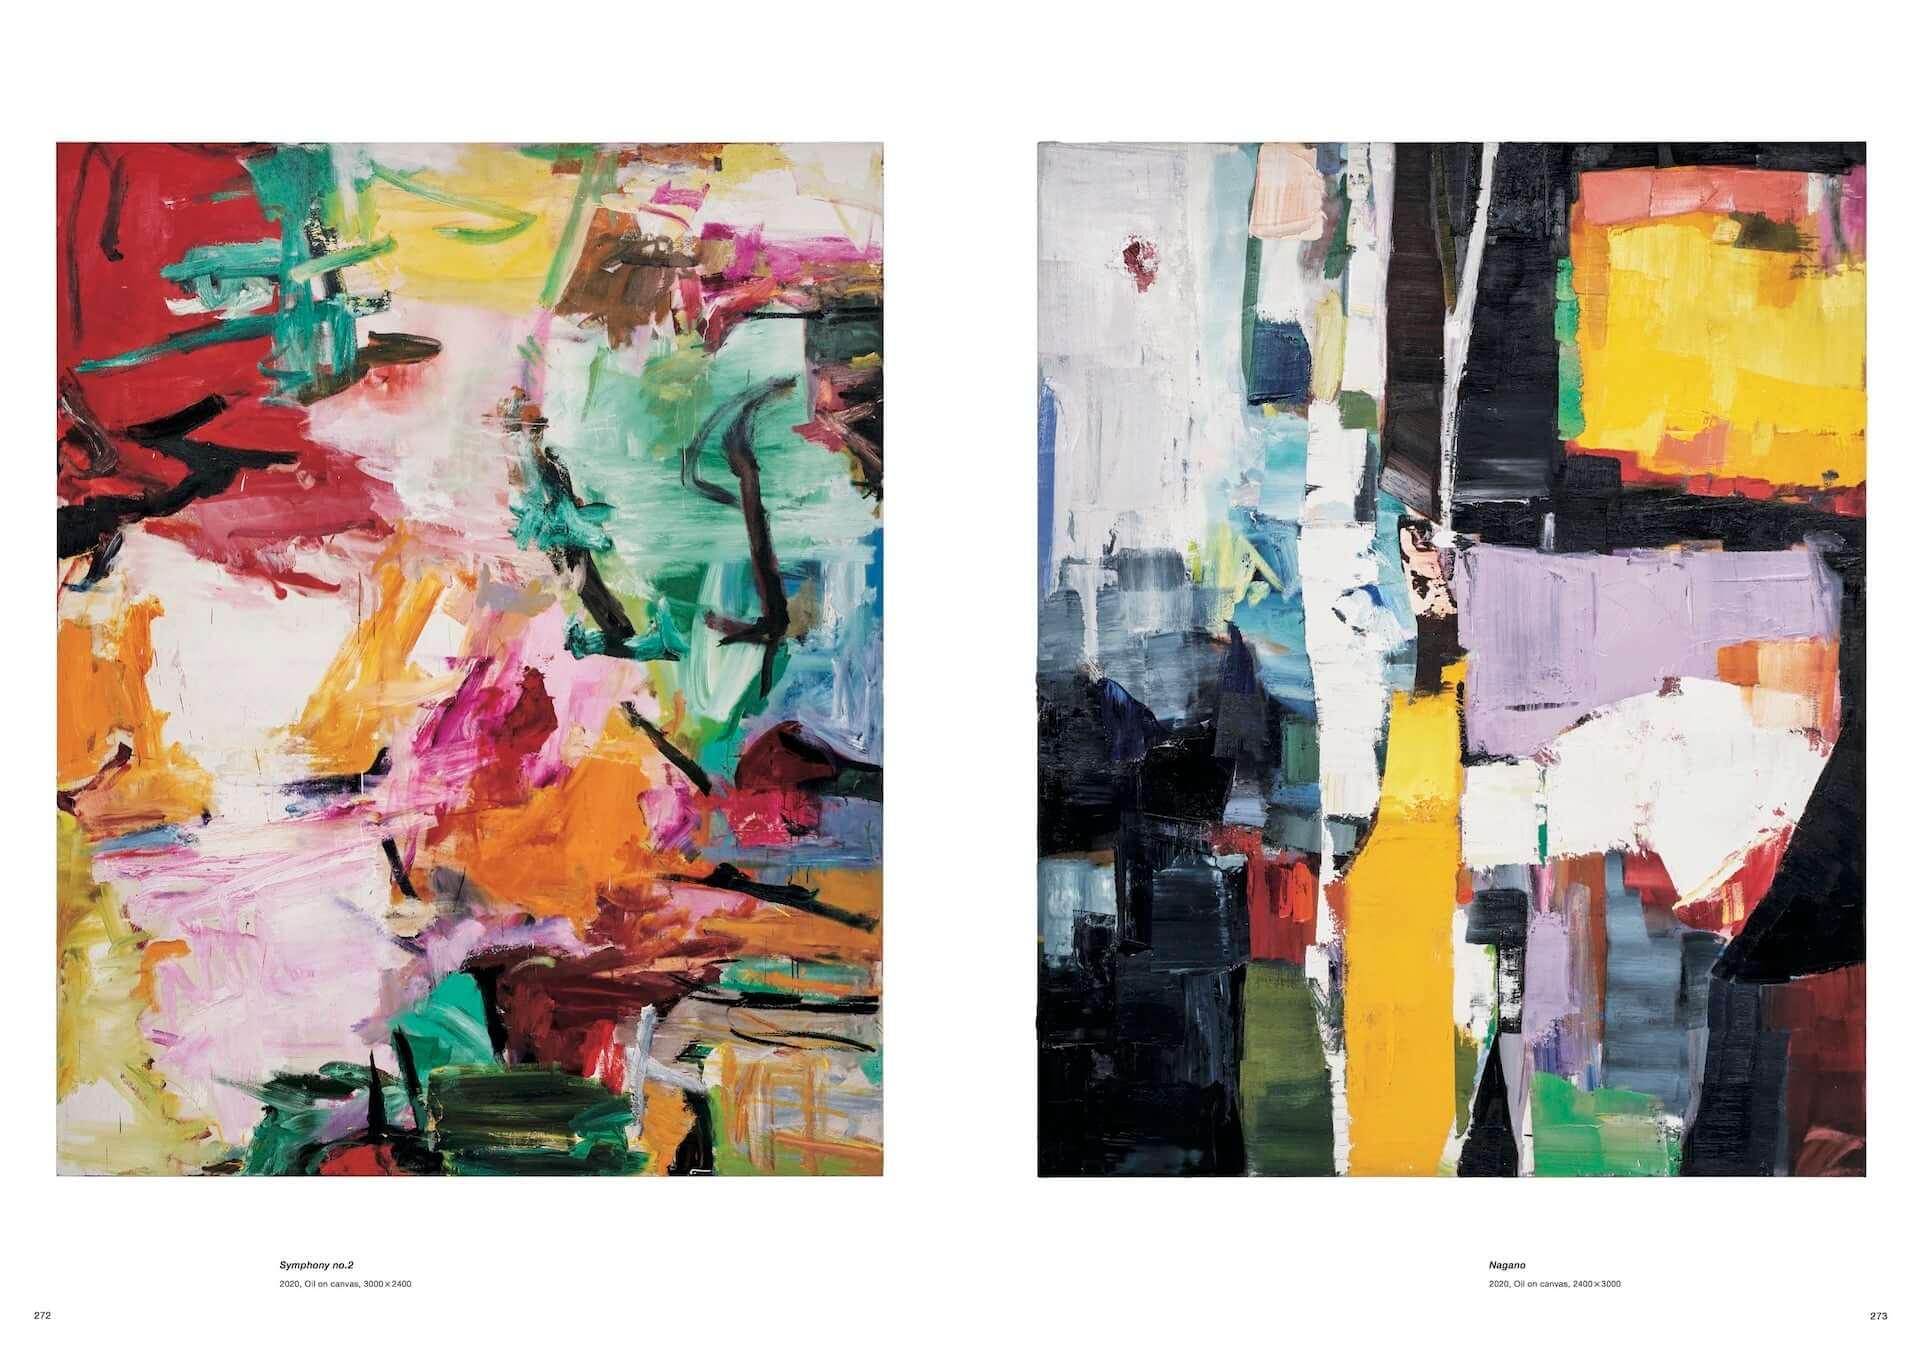 アンディ・ウォーホルの肖像画などを描く井田幸昌の作品集が美術出版社より刊行決定|井田「生きて出会う事象を残したい」 art200514_crystallization_6-1920x1353